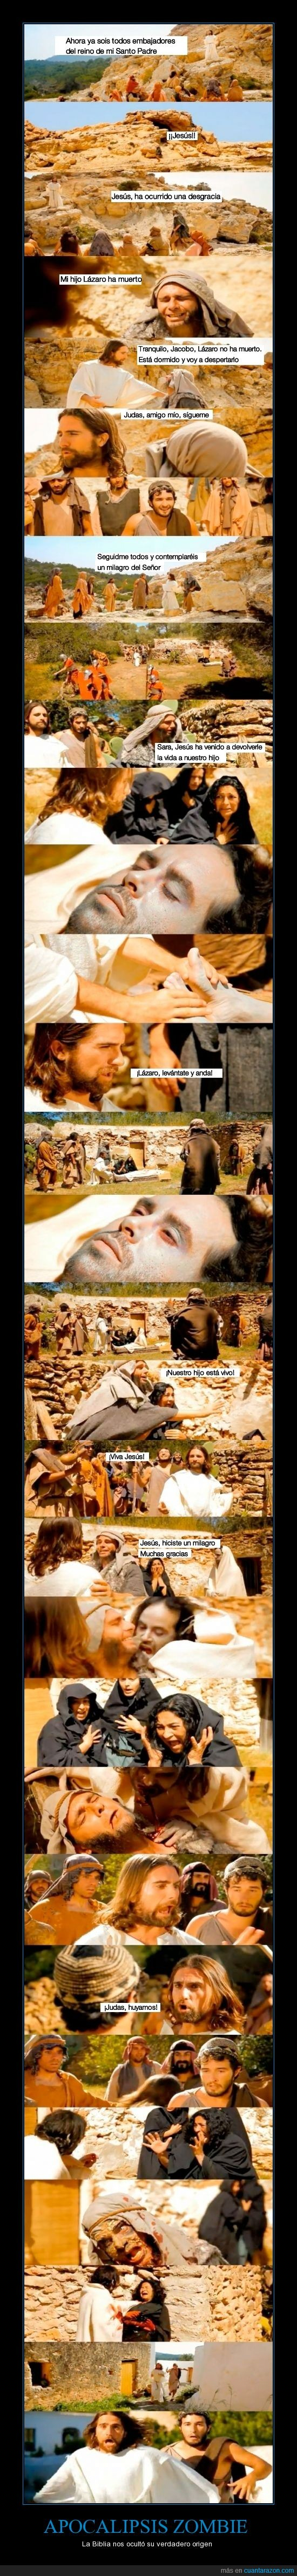 apocalipsis,dios,jesus,judas,muertos,vivientes,zombie